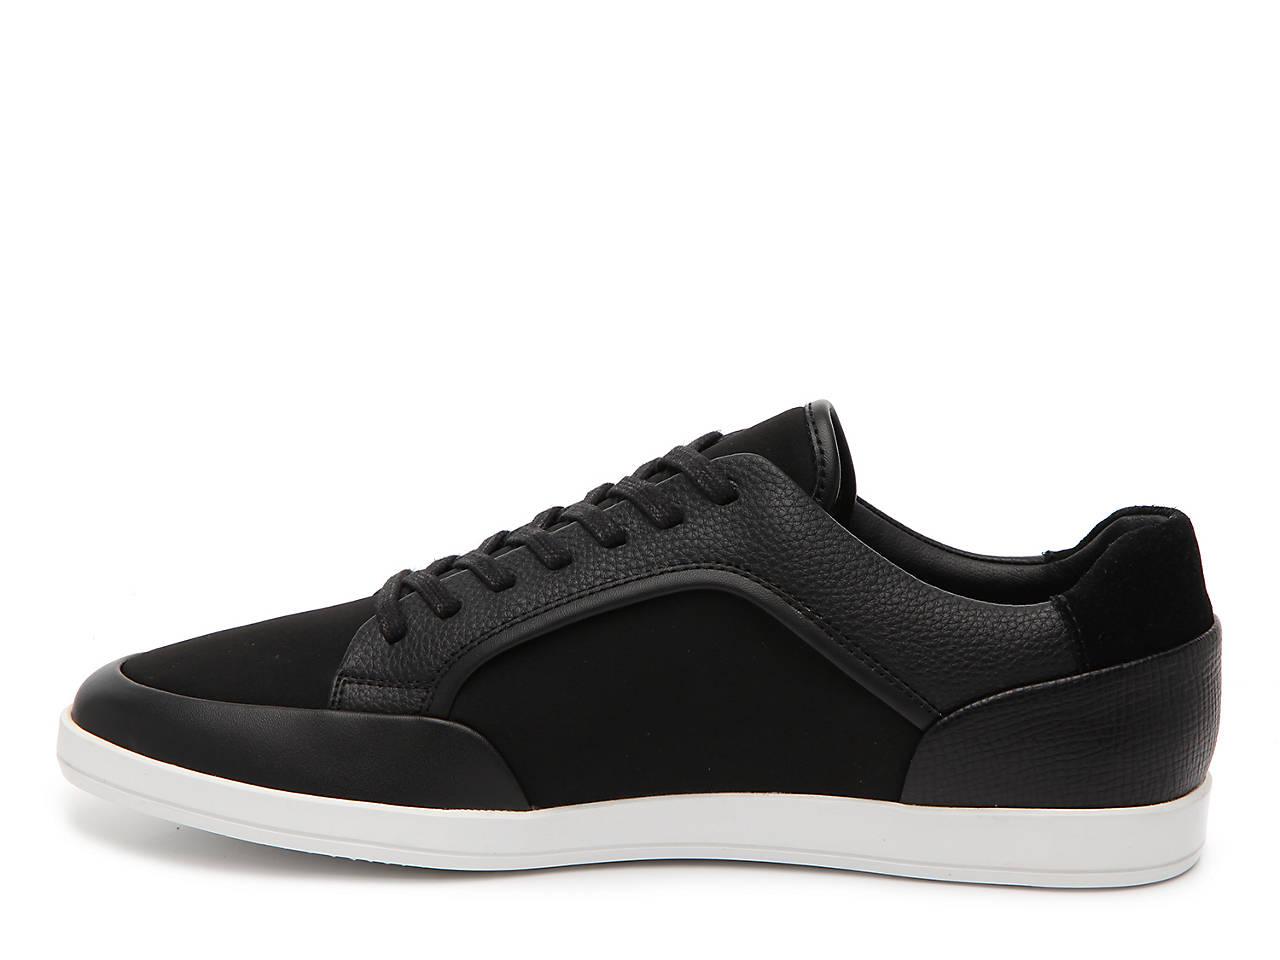 Mannie Sneaker by Calvin Klein